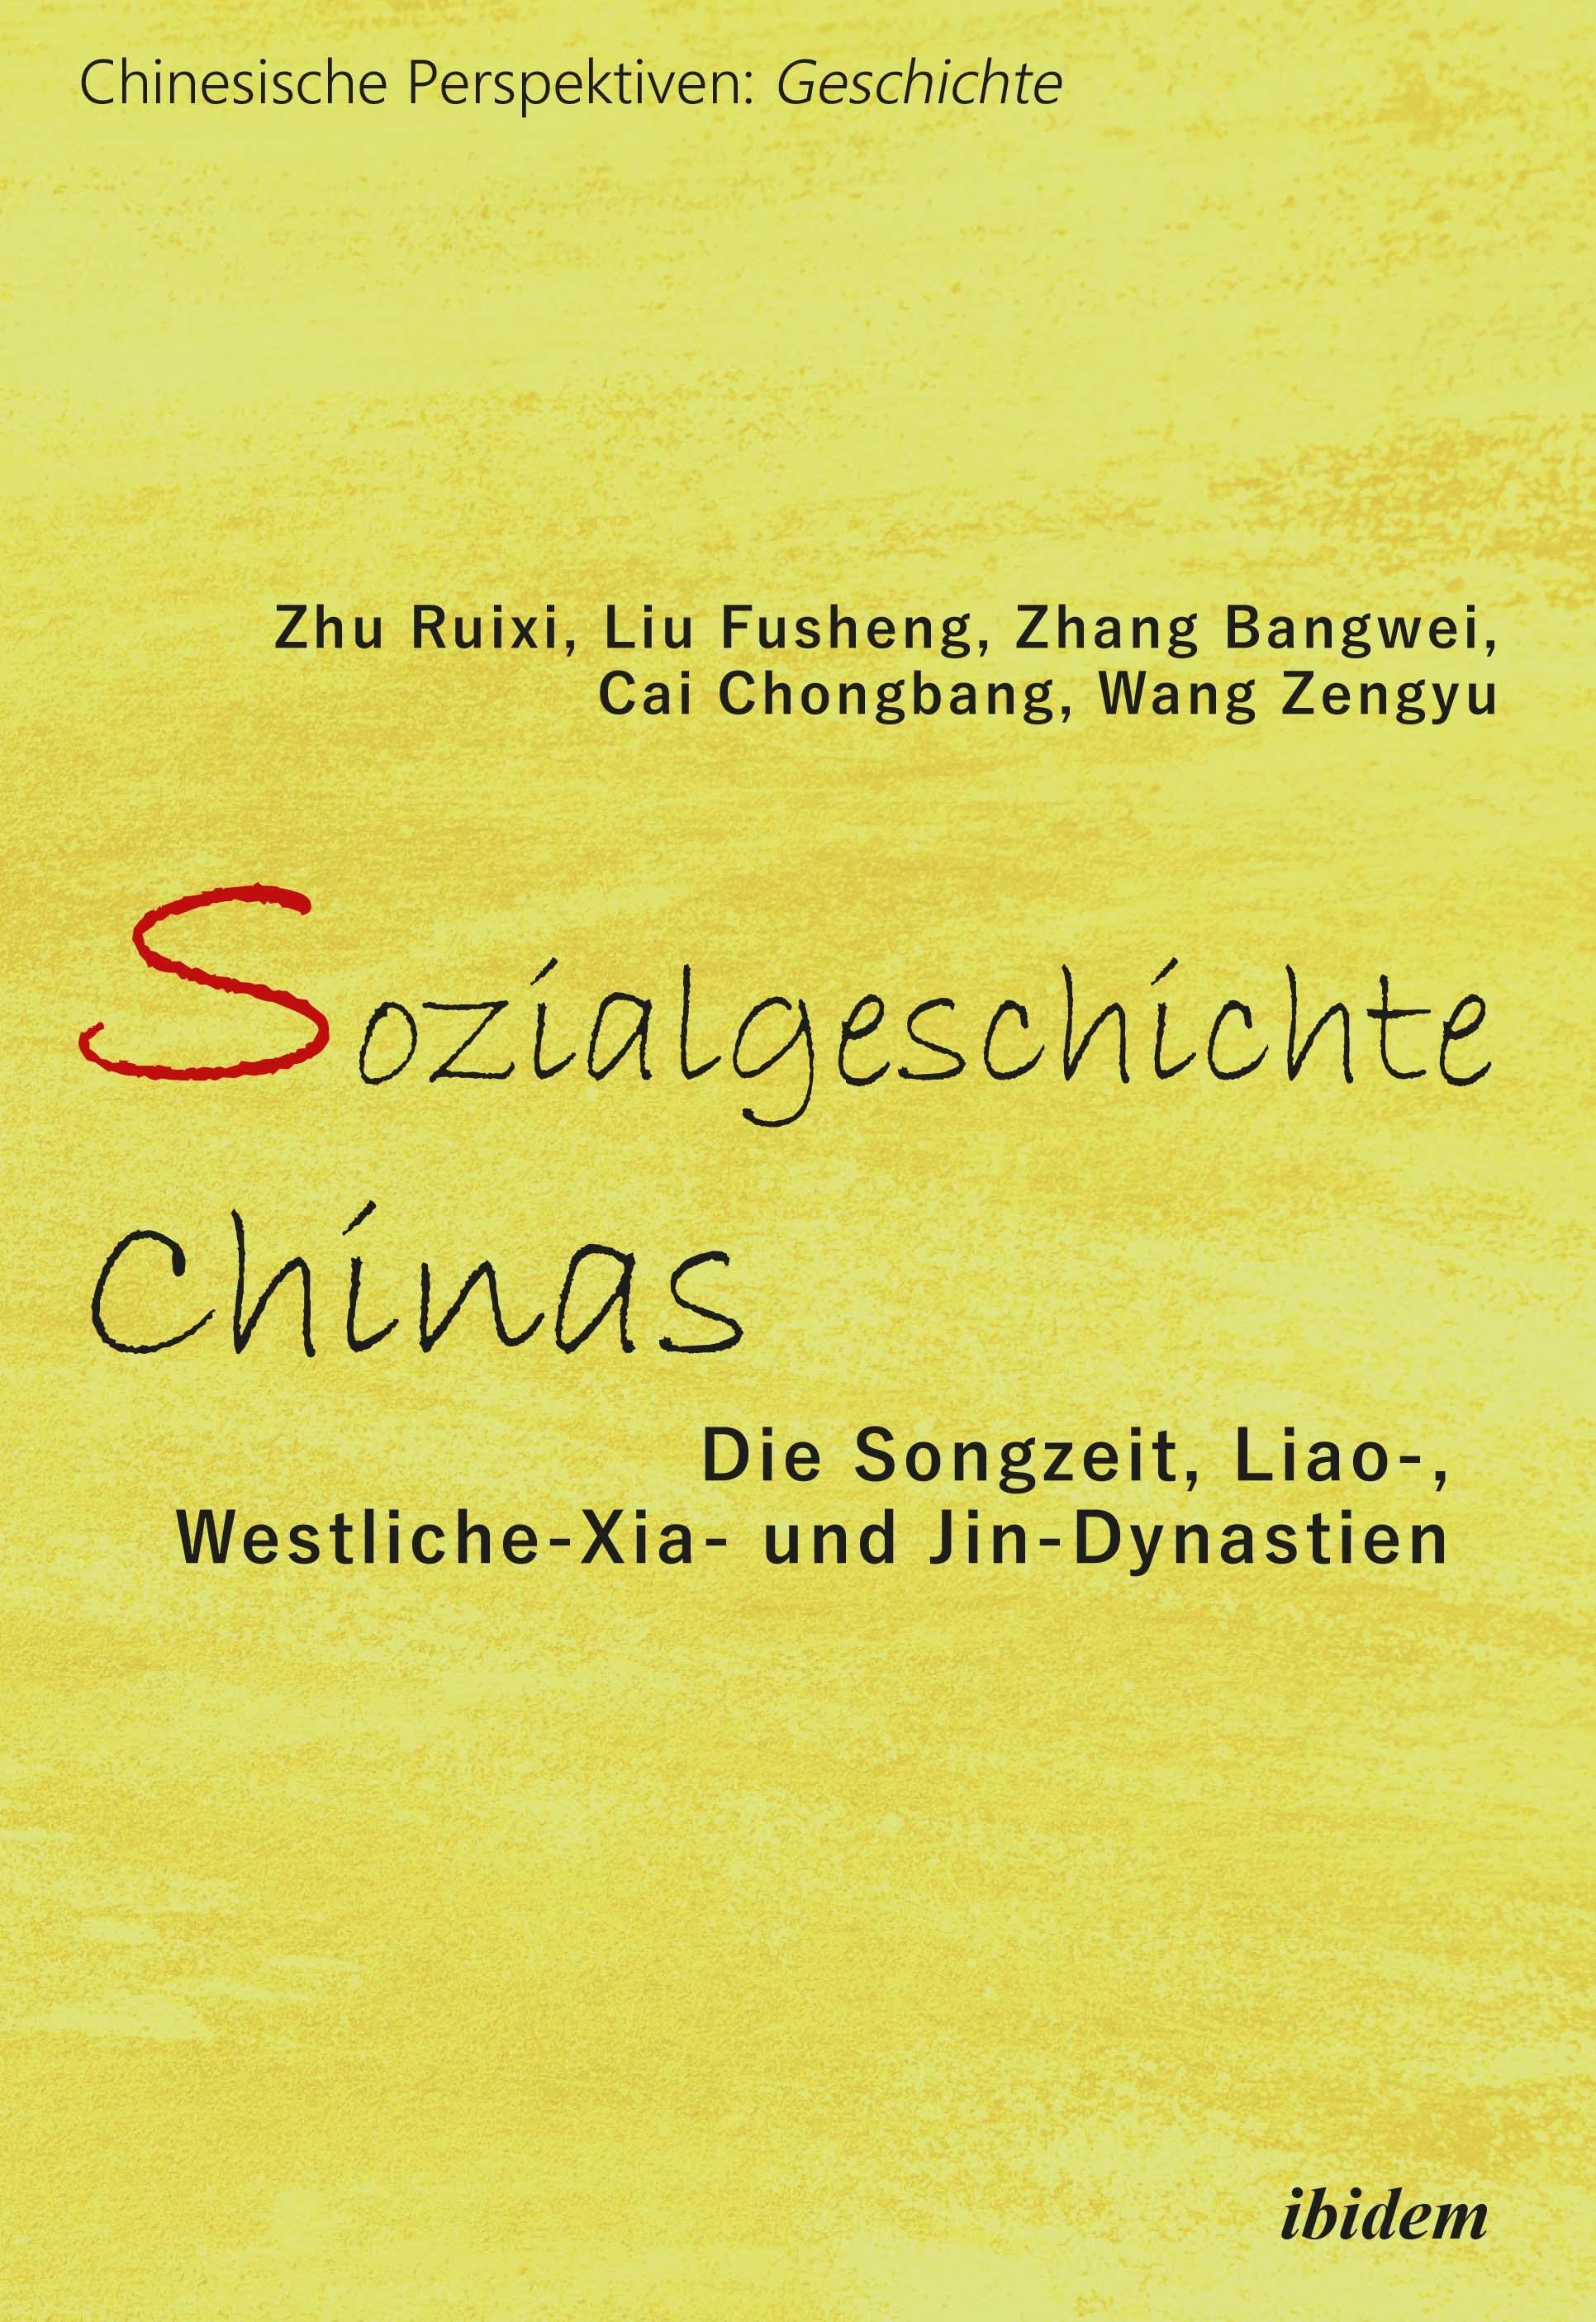 Chinesische Perspektiven: Geschichte